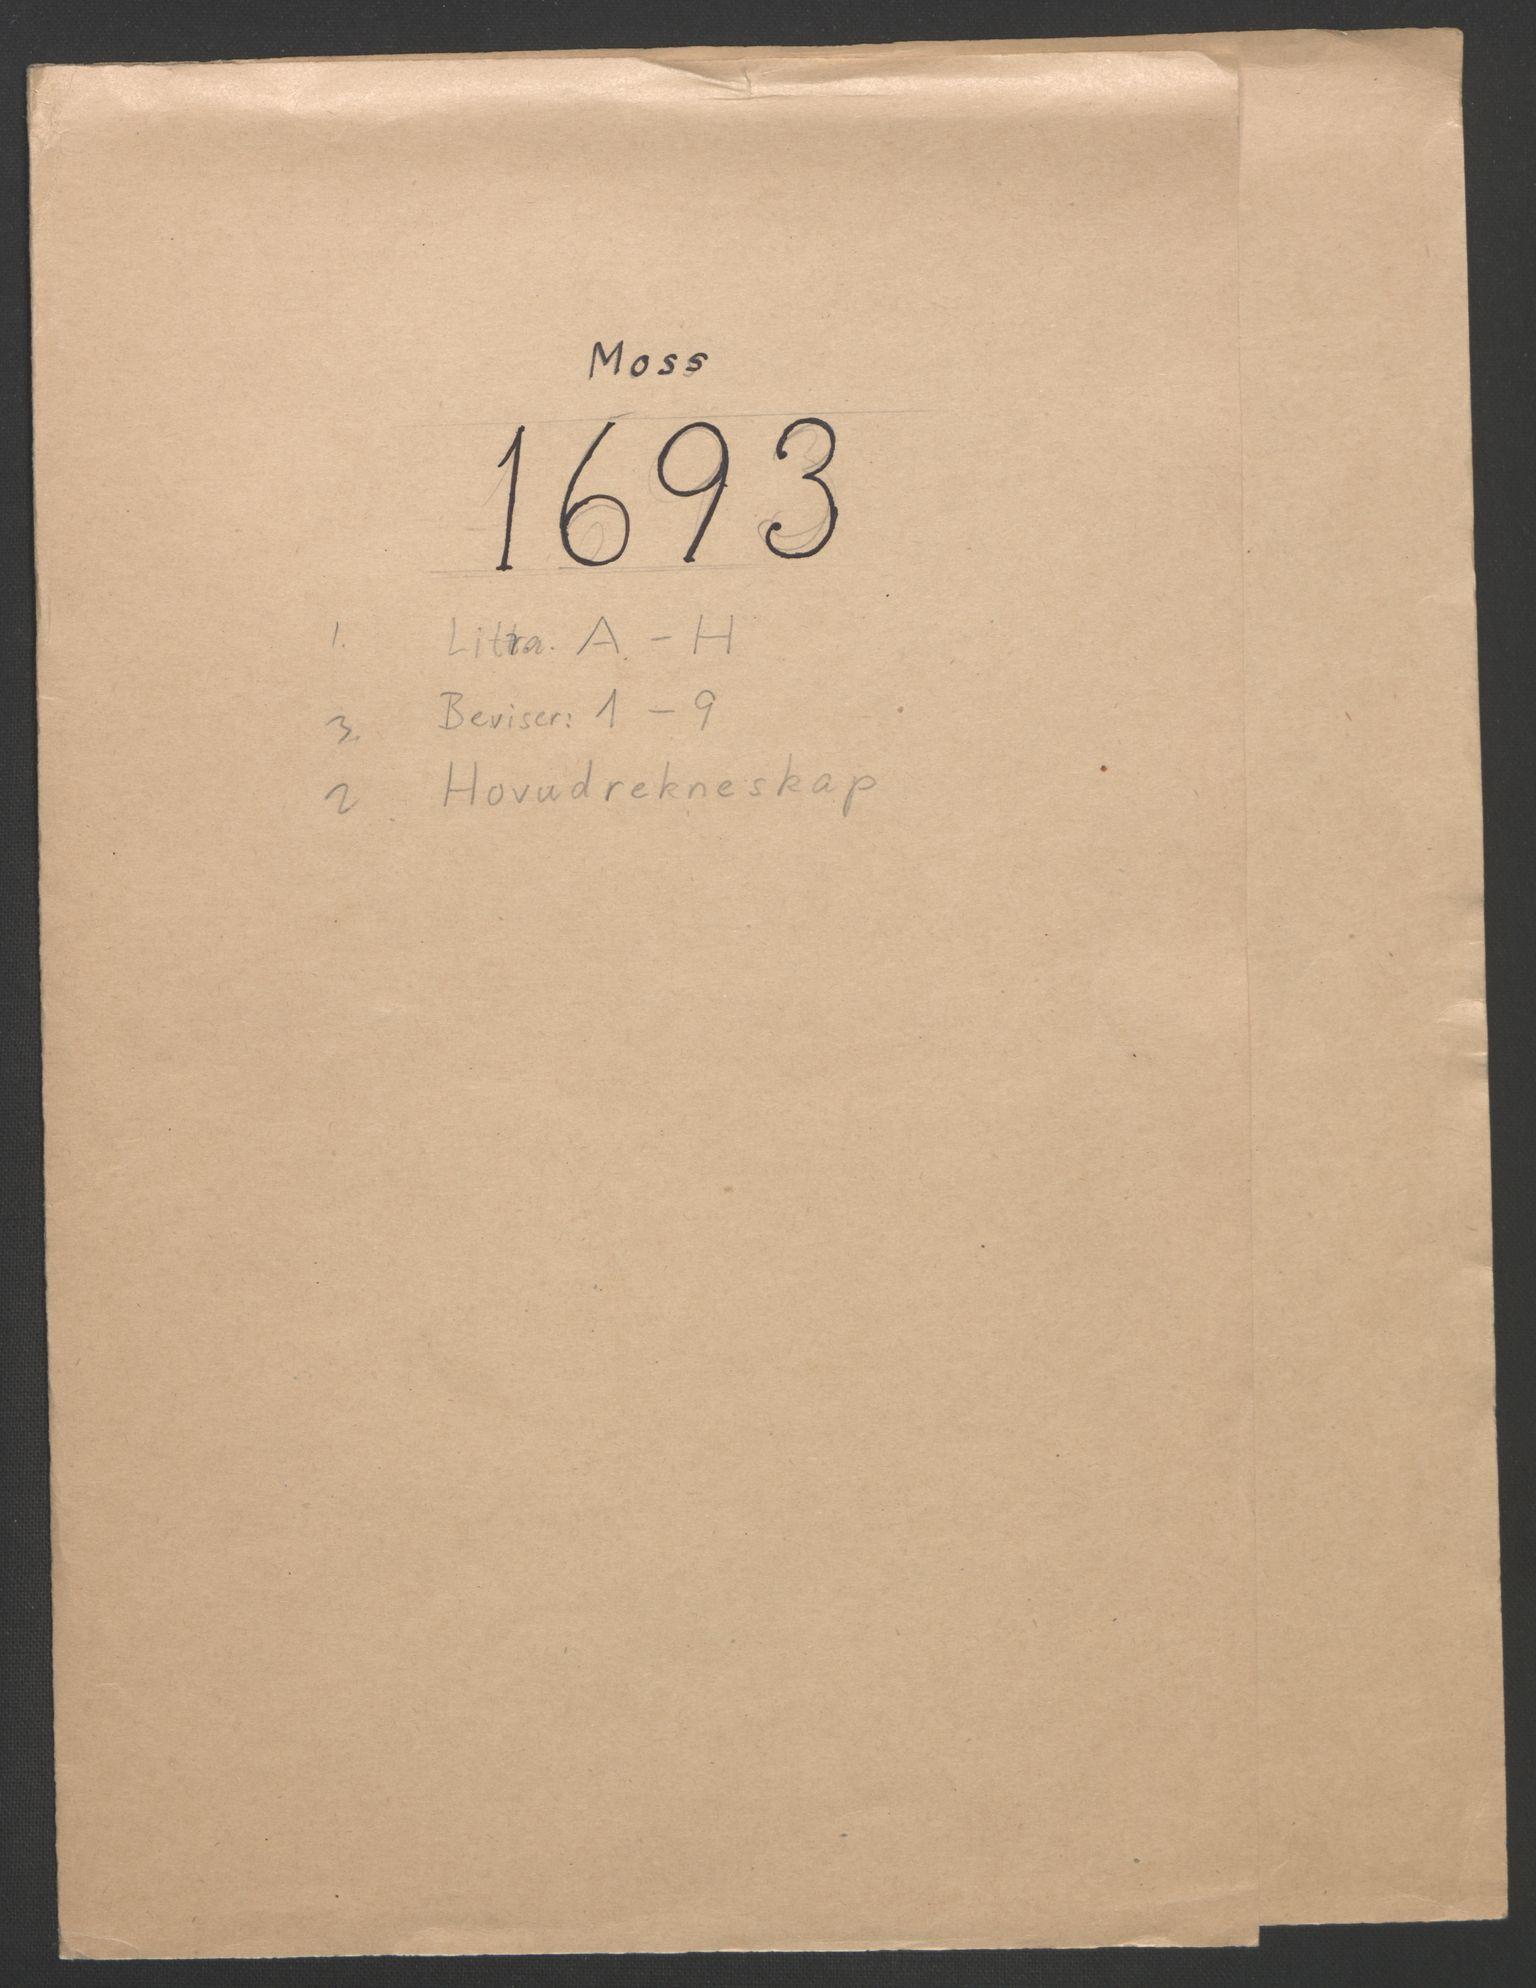 RA, Rentekammeret inntil 1814, Reviderte regnskaper, Fogderegnskap, R02/L0108: Fogderegnskap Moss og Verne kloster, 1692-1693, s. 200